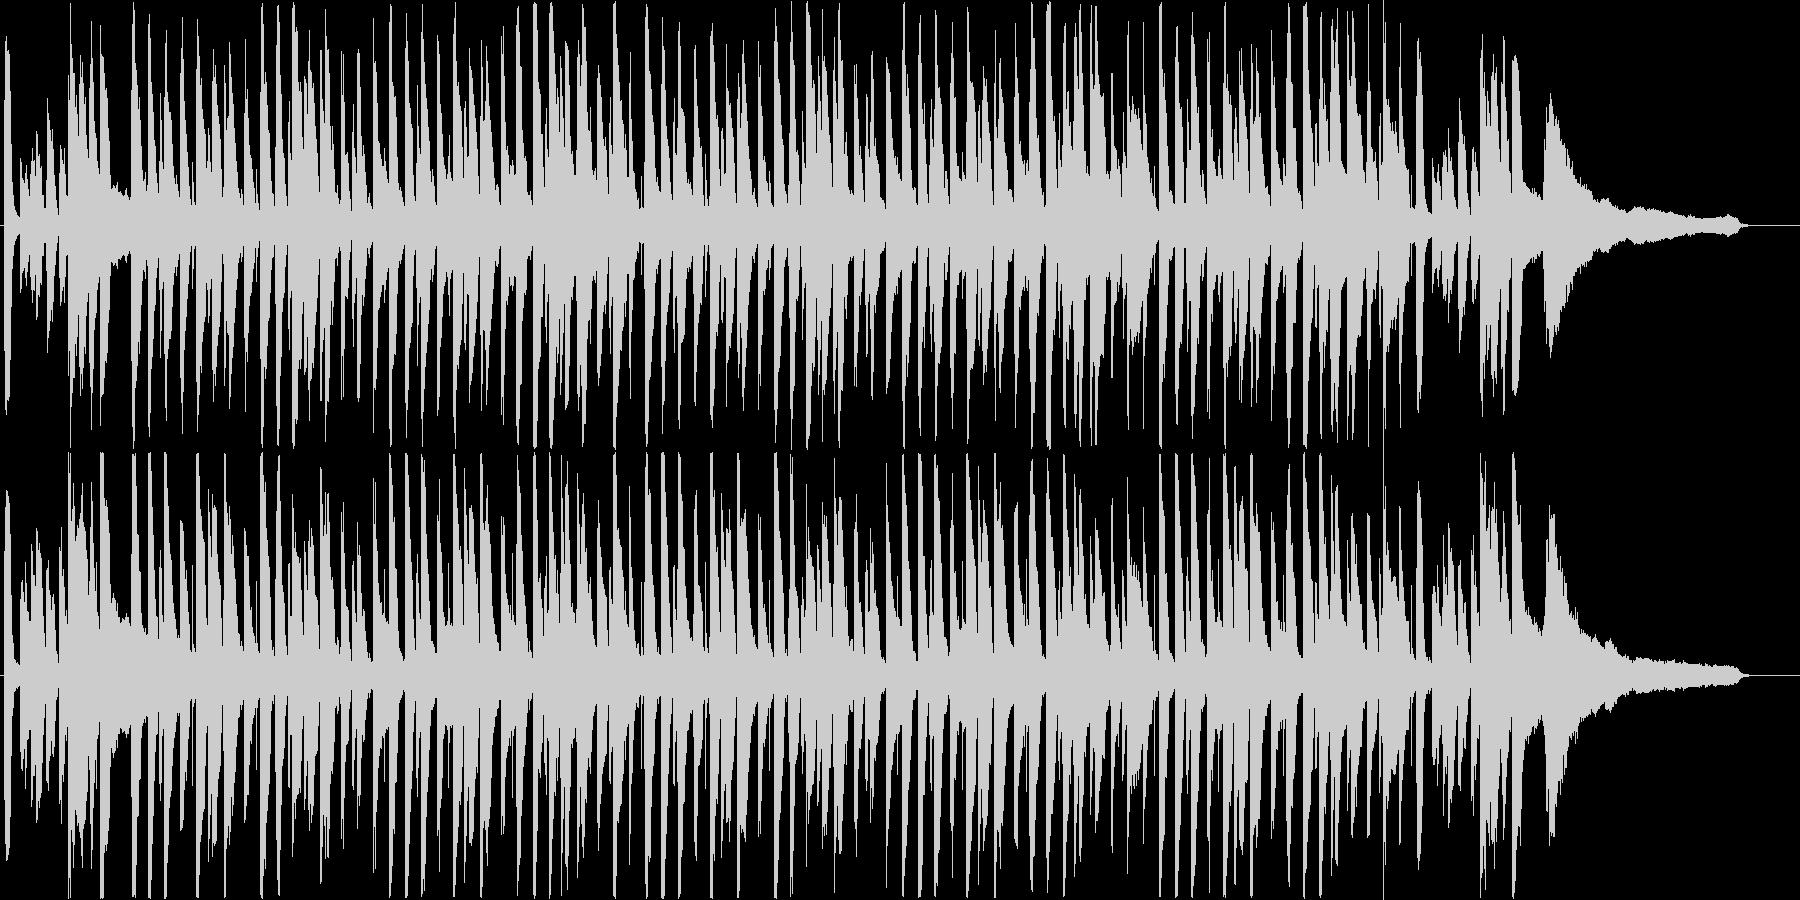 「ジングルベル」ライトジャズバージョンの未再生の波形